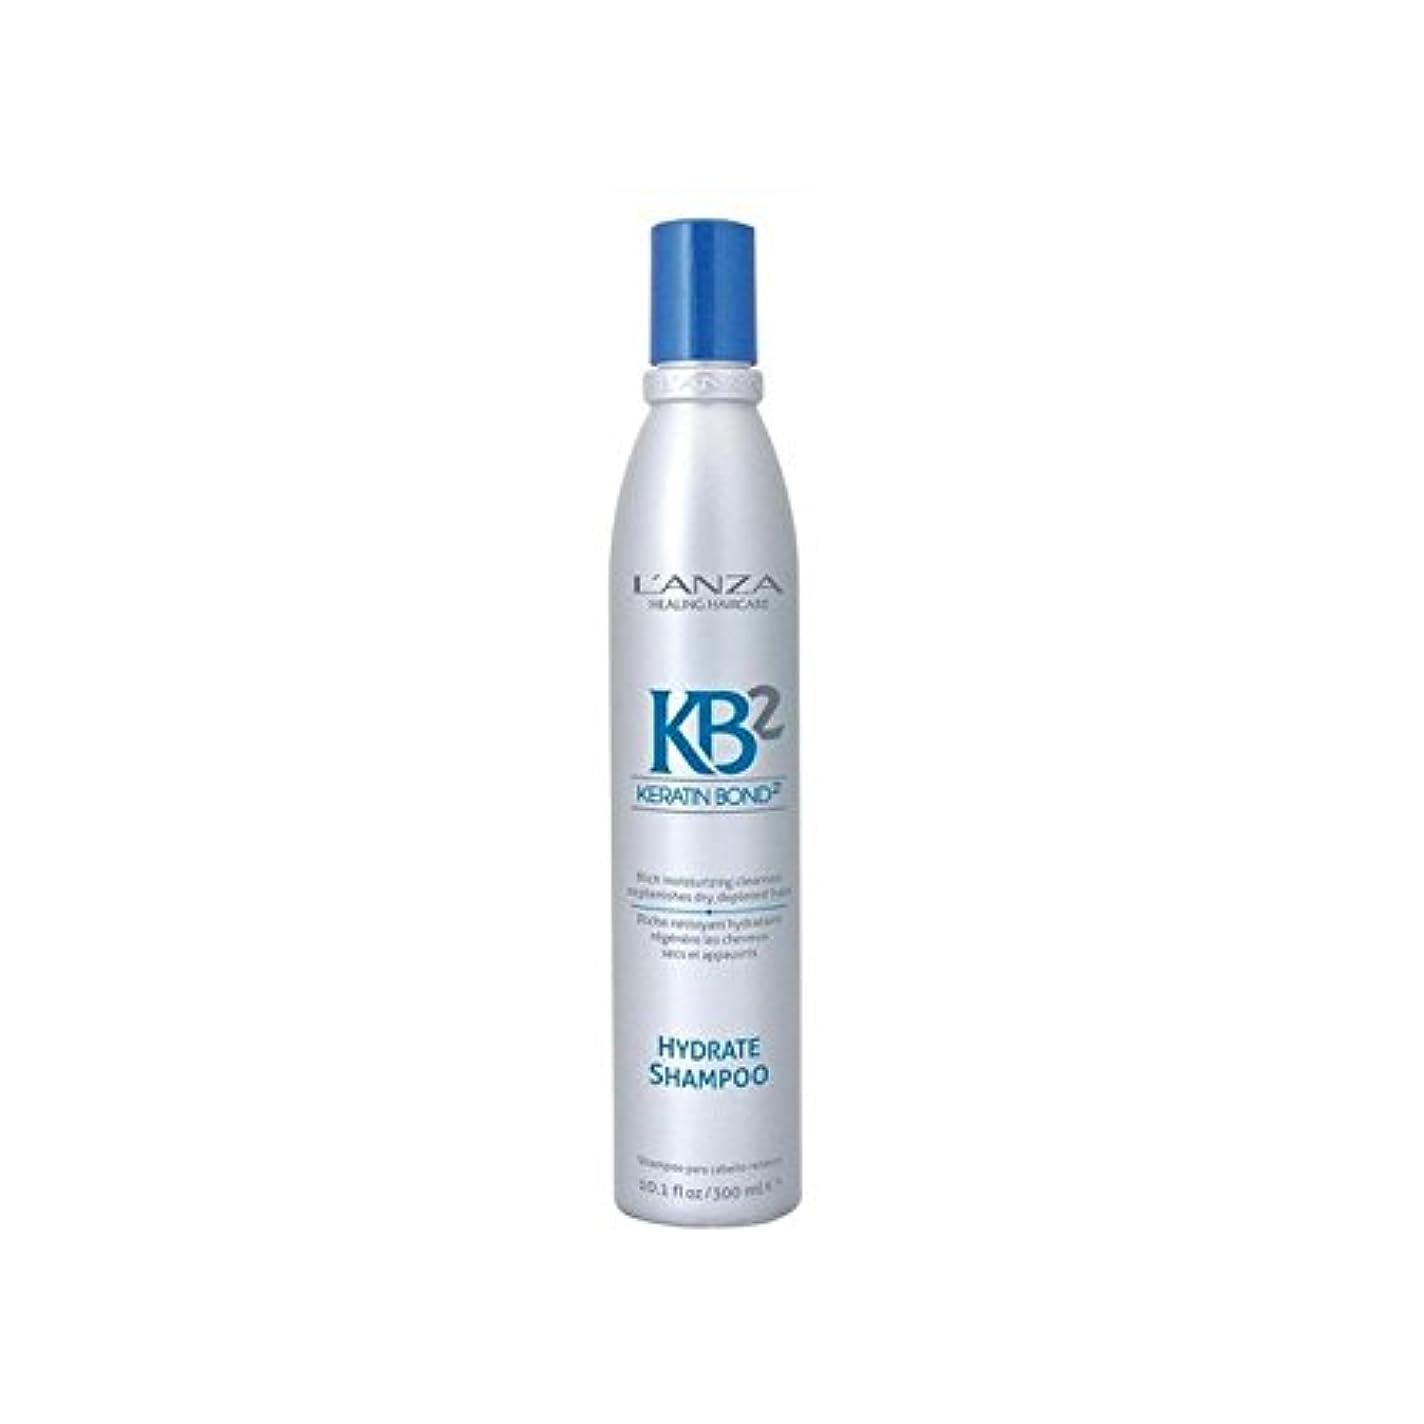 復活ラジエーター乱れL'Anza Kb2 Hydrate Shampoo (300ml) (Pack of 6) - アンザ2和物シャンプー(300ミリリットル) x6 [並行輸入品]